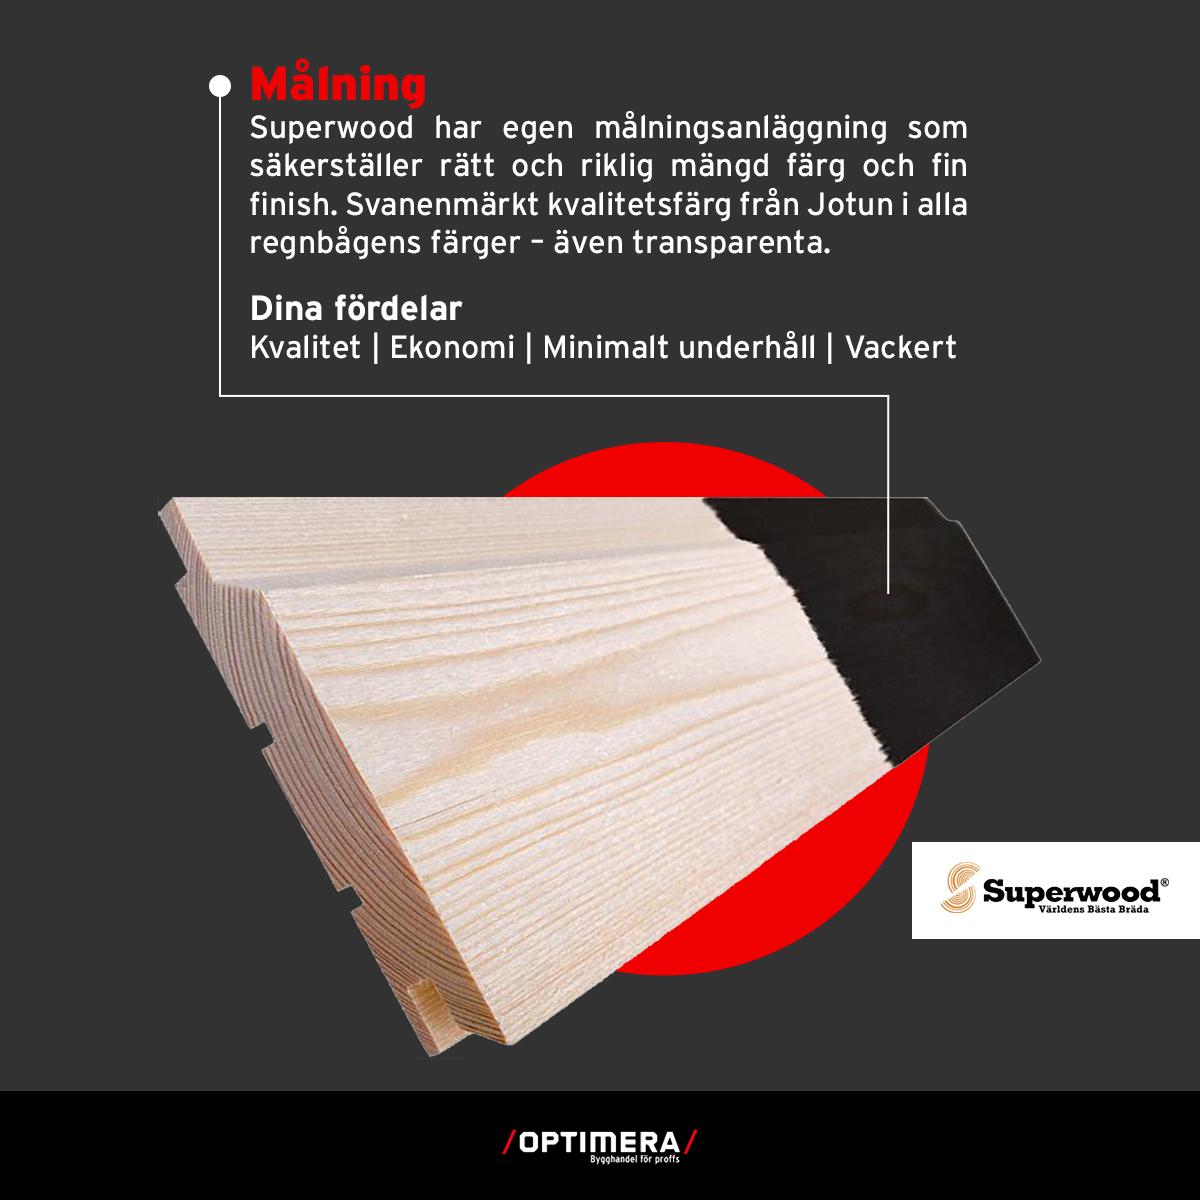 superwood - målning - säljs på optimera